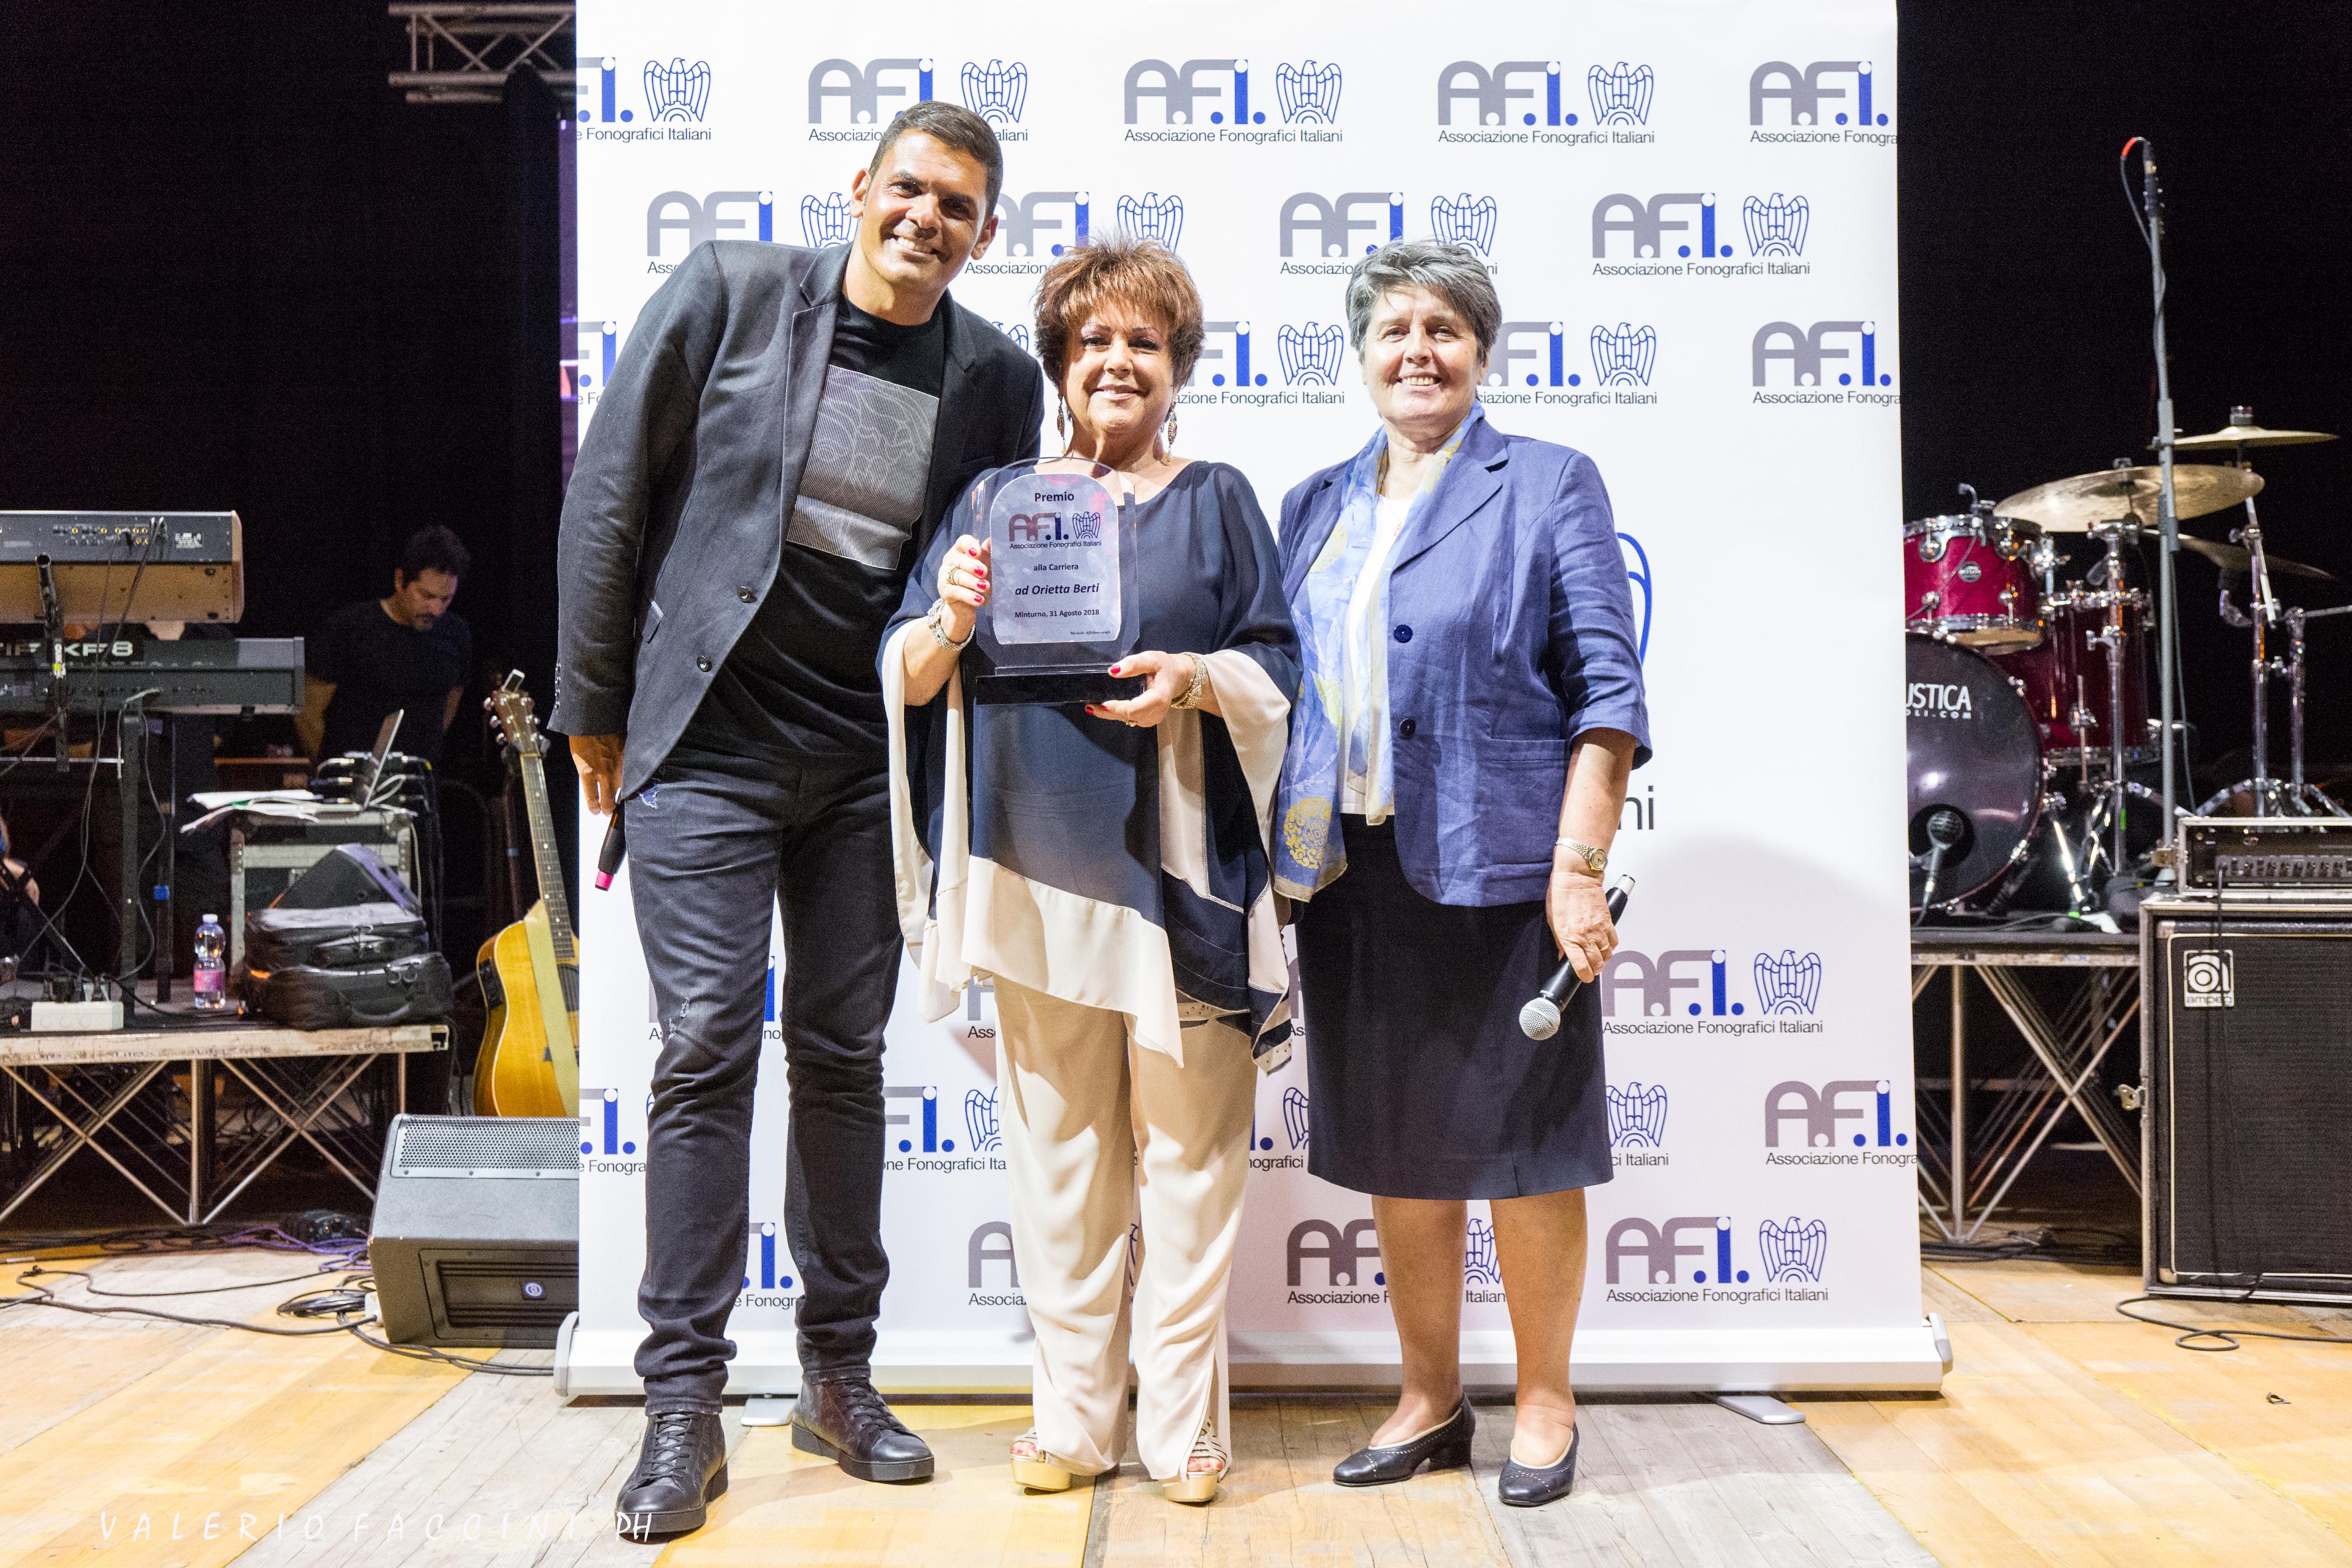 Da Destra: la Vicepresidente AFI, Suor Livia Sabatti, Orietta Berti ed il Presidente AFI, Sergio Cerruti